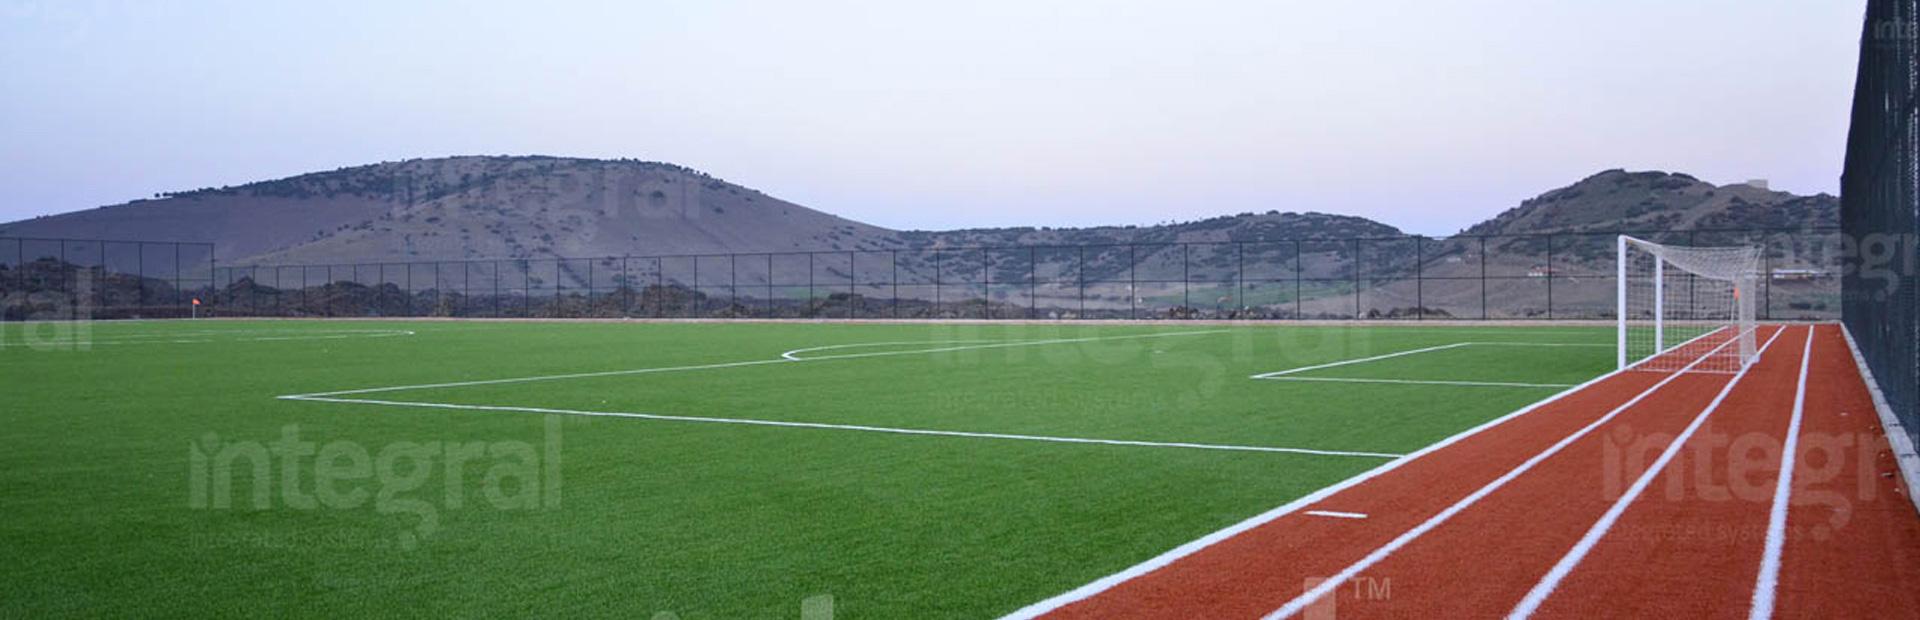 Regular Football Training Field